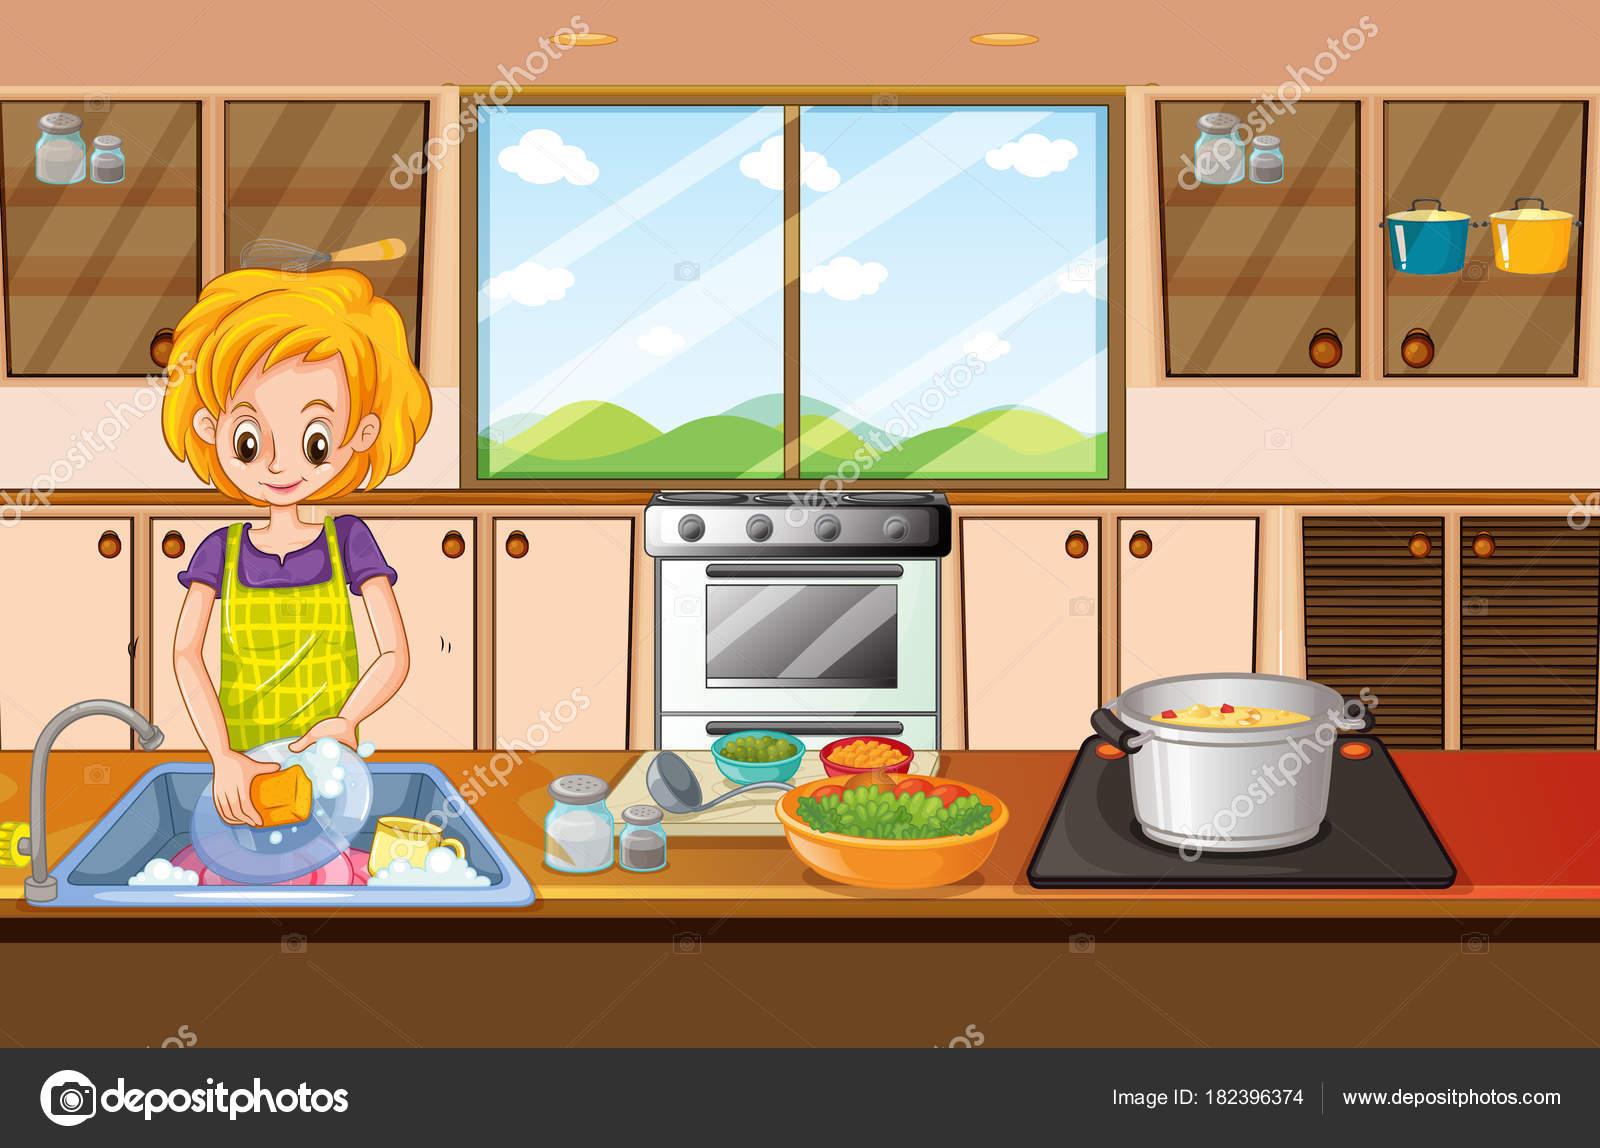 在厨房里做菜的女人 图库矢量图像 169 Interactimages 182396374